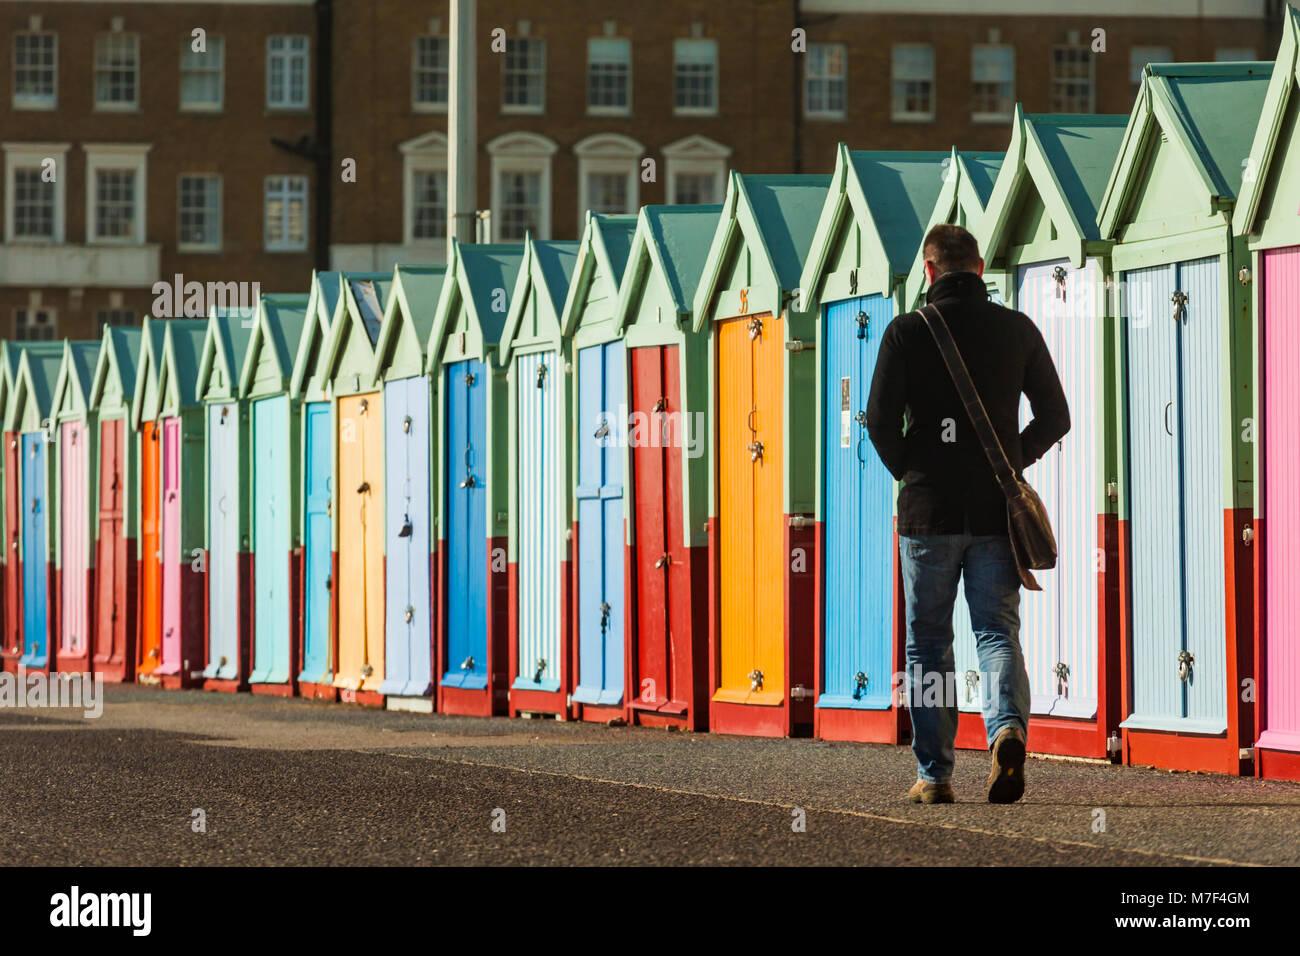 Bunte Strandhütten direkt an der Meeresküste von Brighton, East Sussex, England. Stockbild